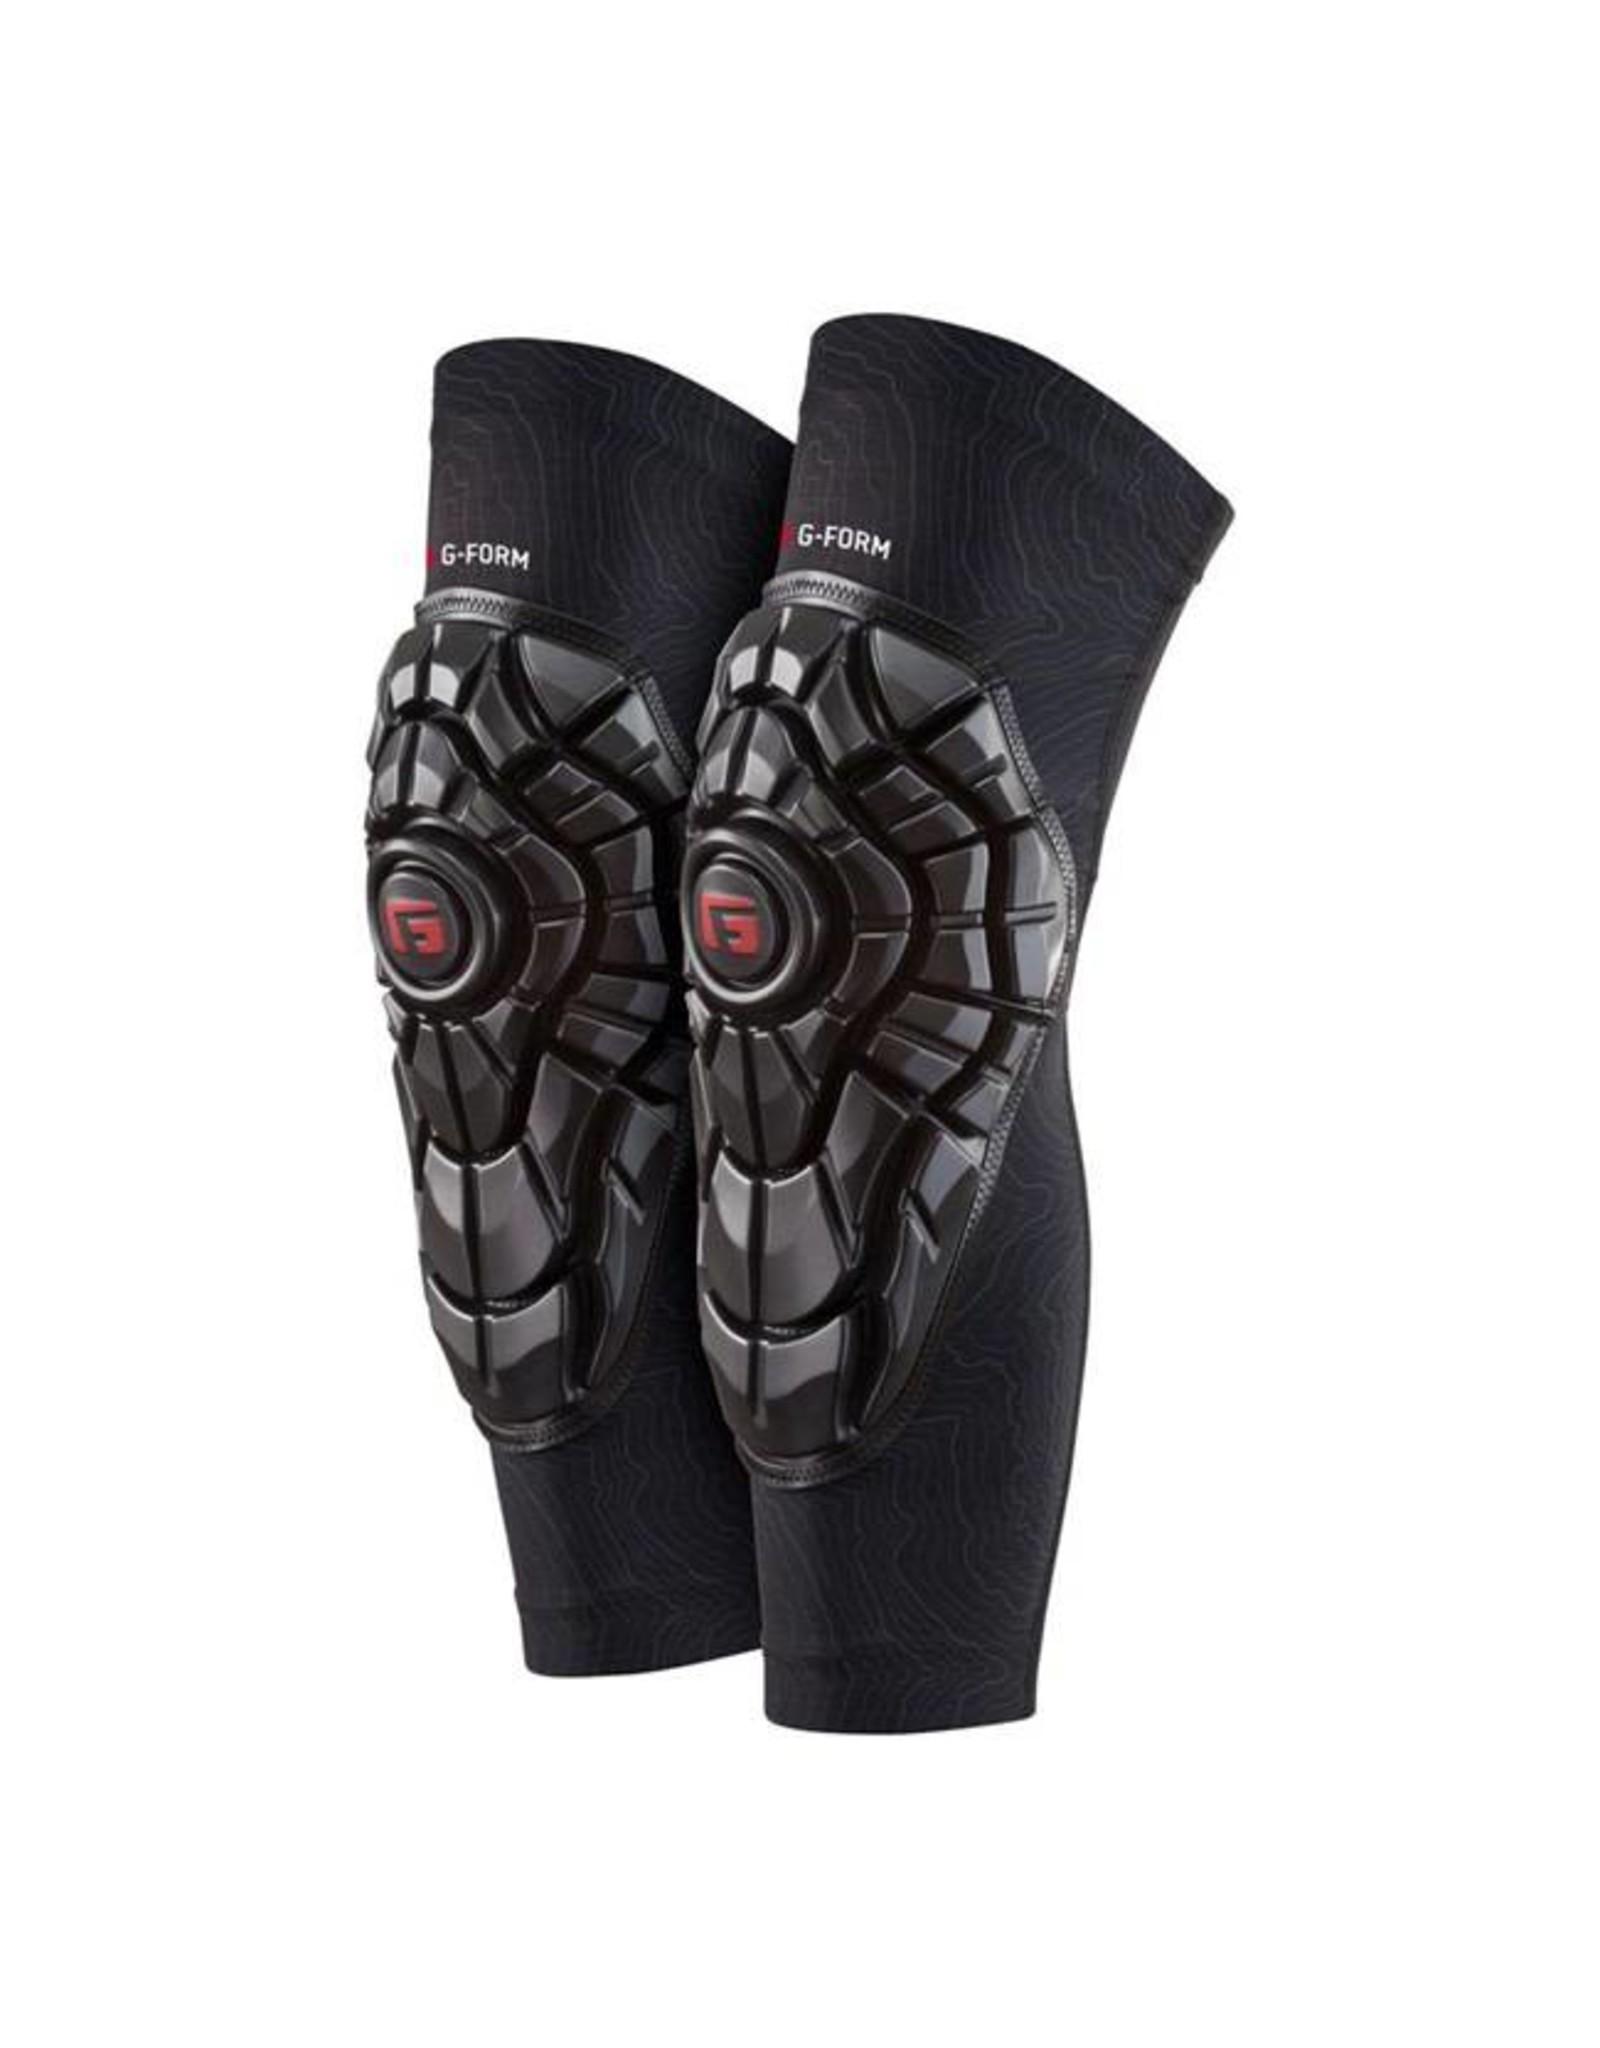 G-Form G-Form Elite Knee Pad: Black/Topo, MD